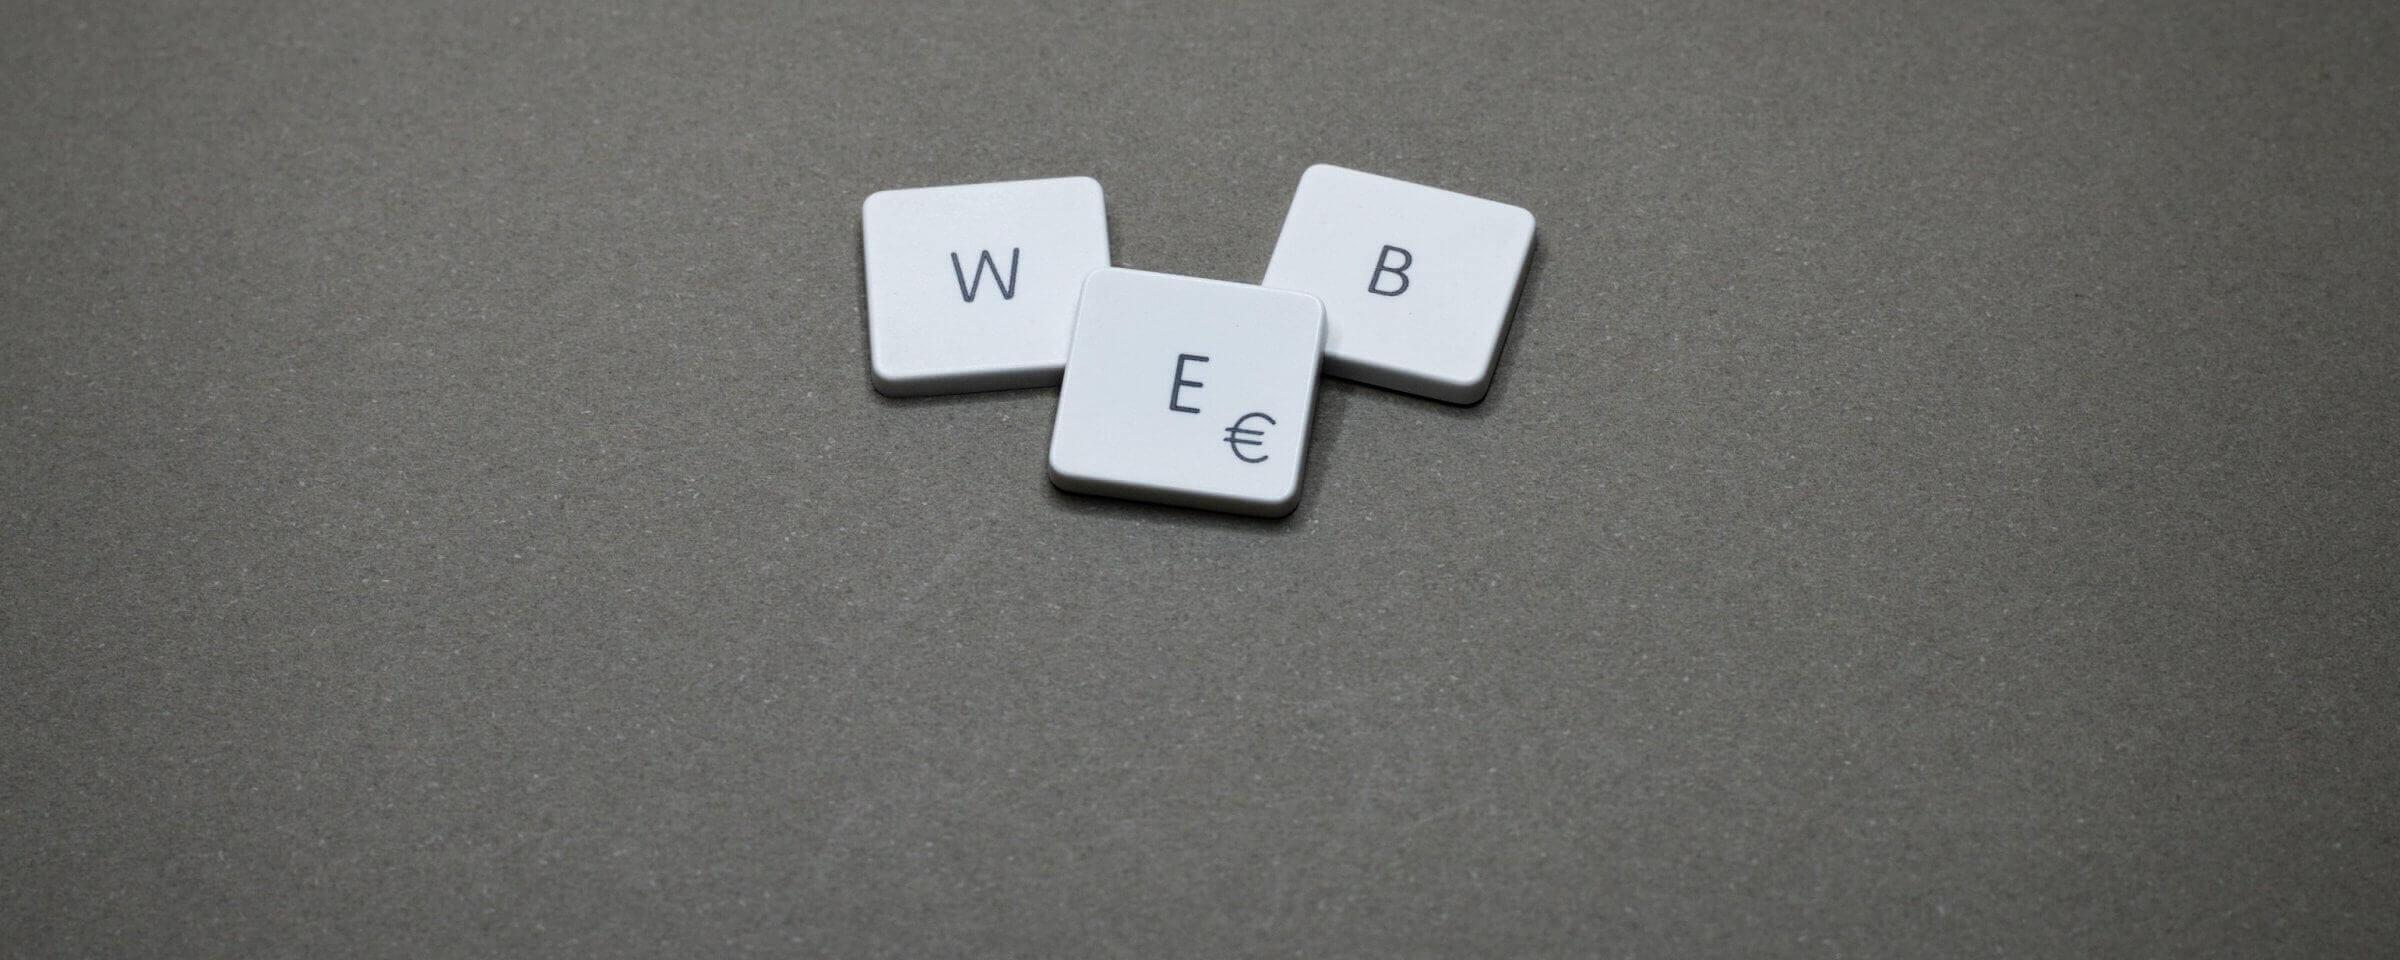 letters: WEB